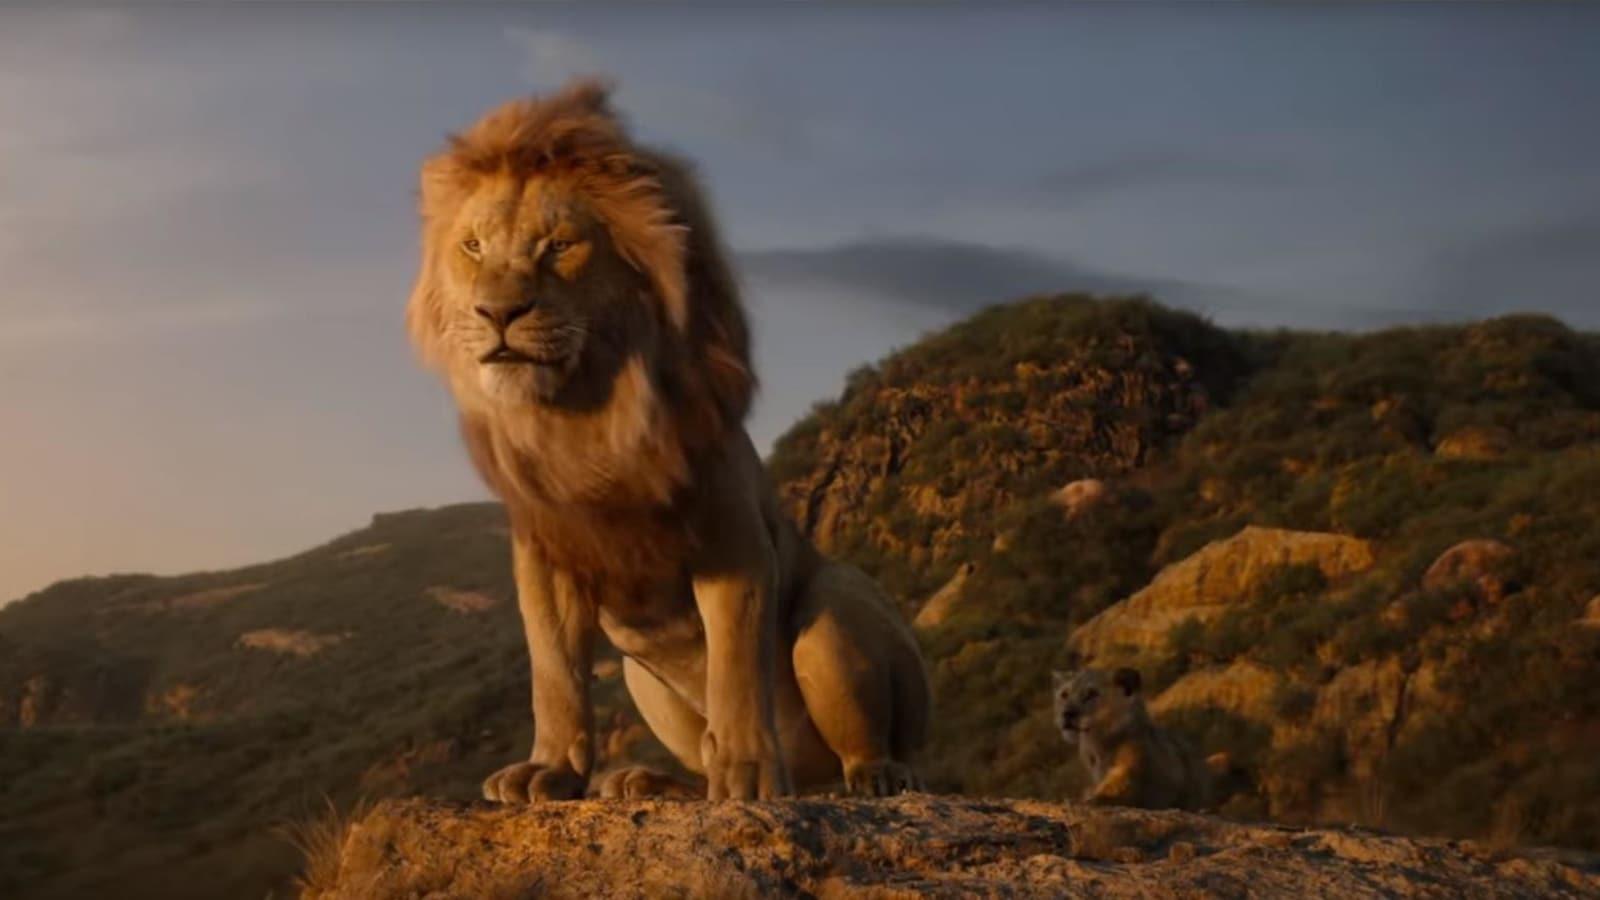 Dessins En Couleurs à Imprimer Le Roi Lion Numéro 607a95b0